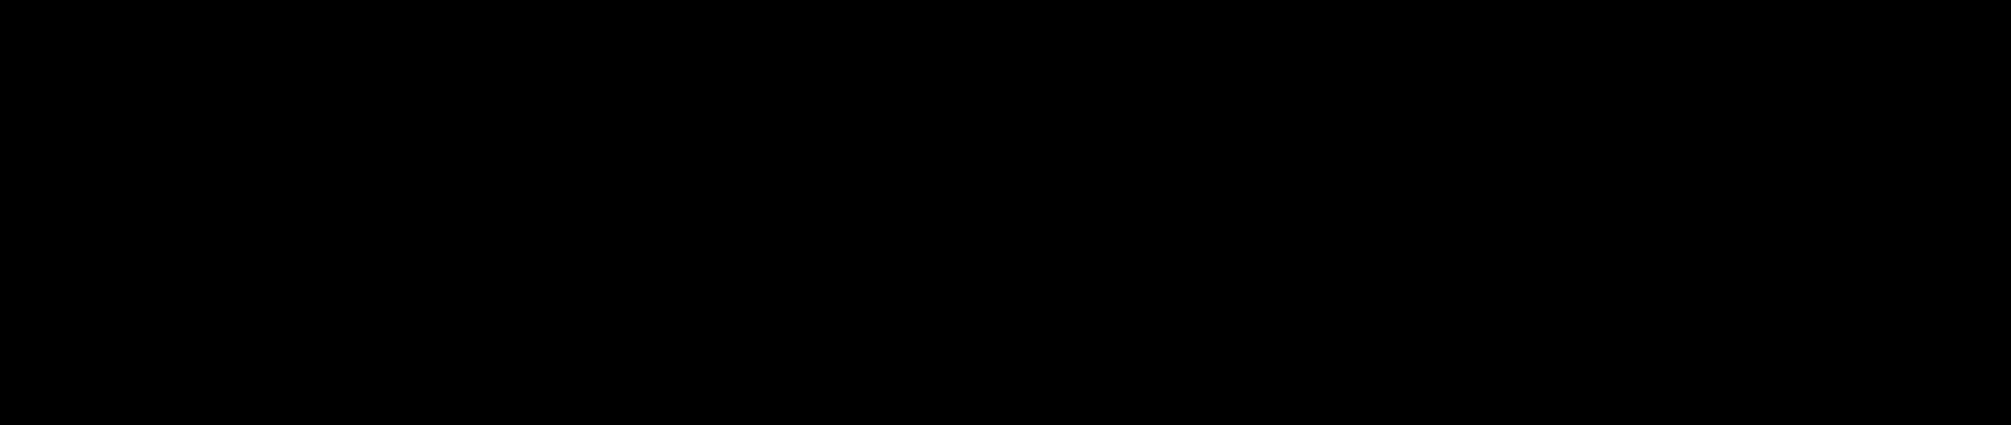 xamoom logo